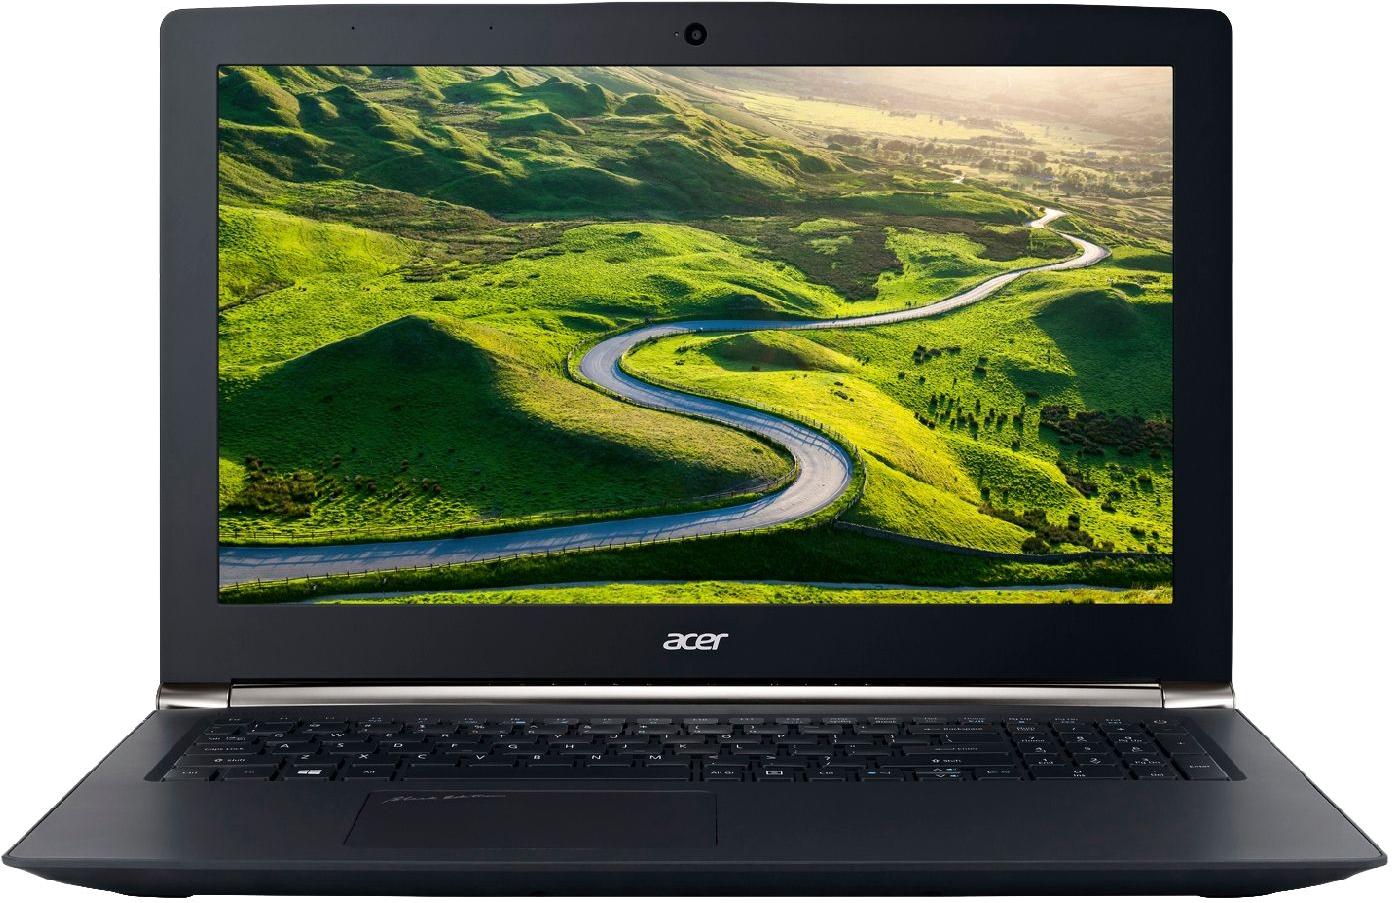 Тайваньская компания acer анонсировала выход новых моделей ноутбуков на базе процессоров шестого поколения intel